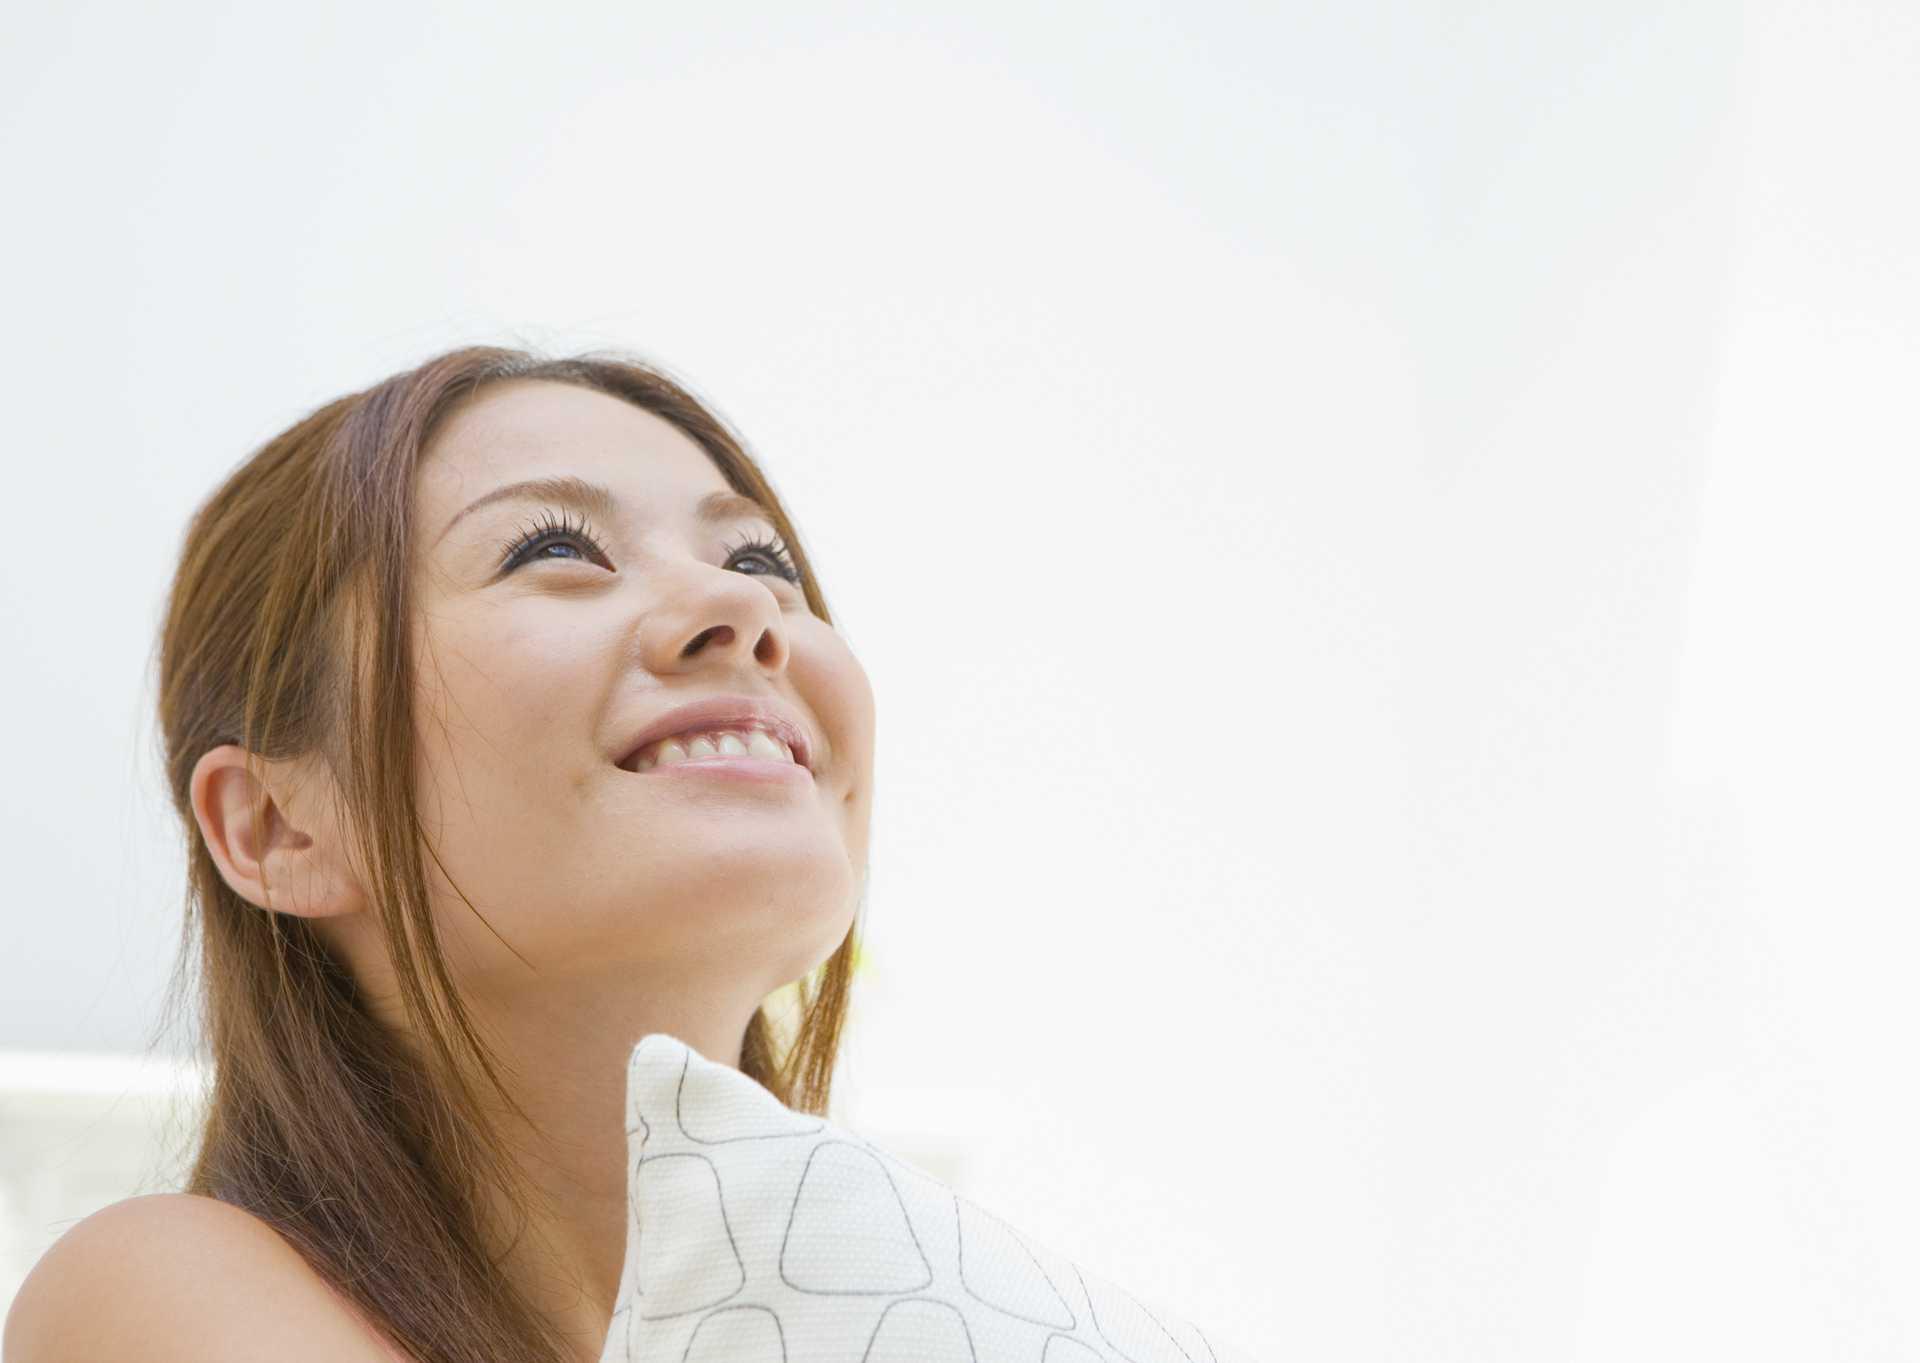 幸せは、自分で決めるもの。 | 幸せな気分になる30の方法